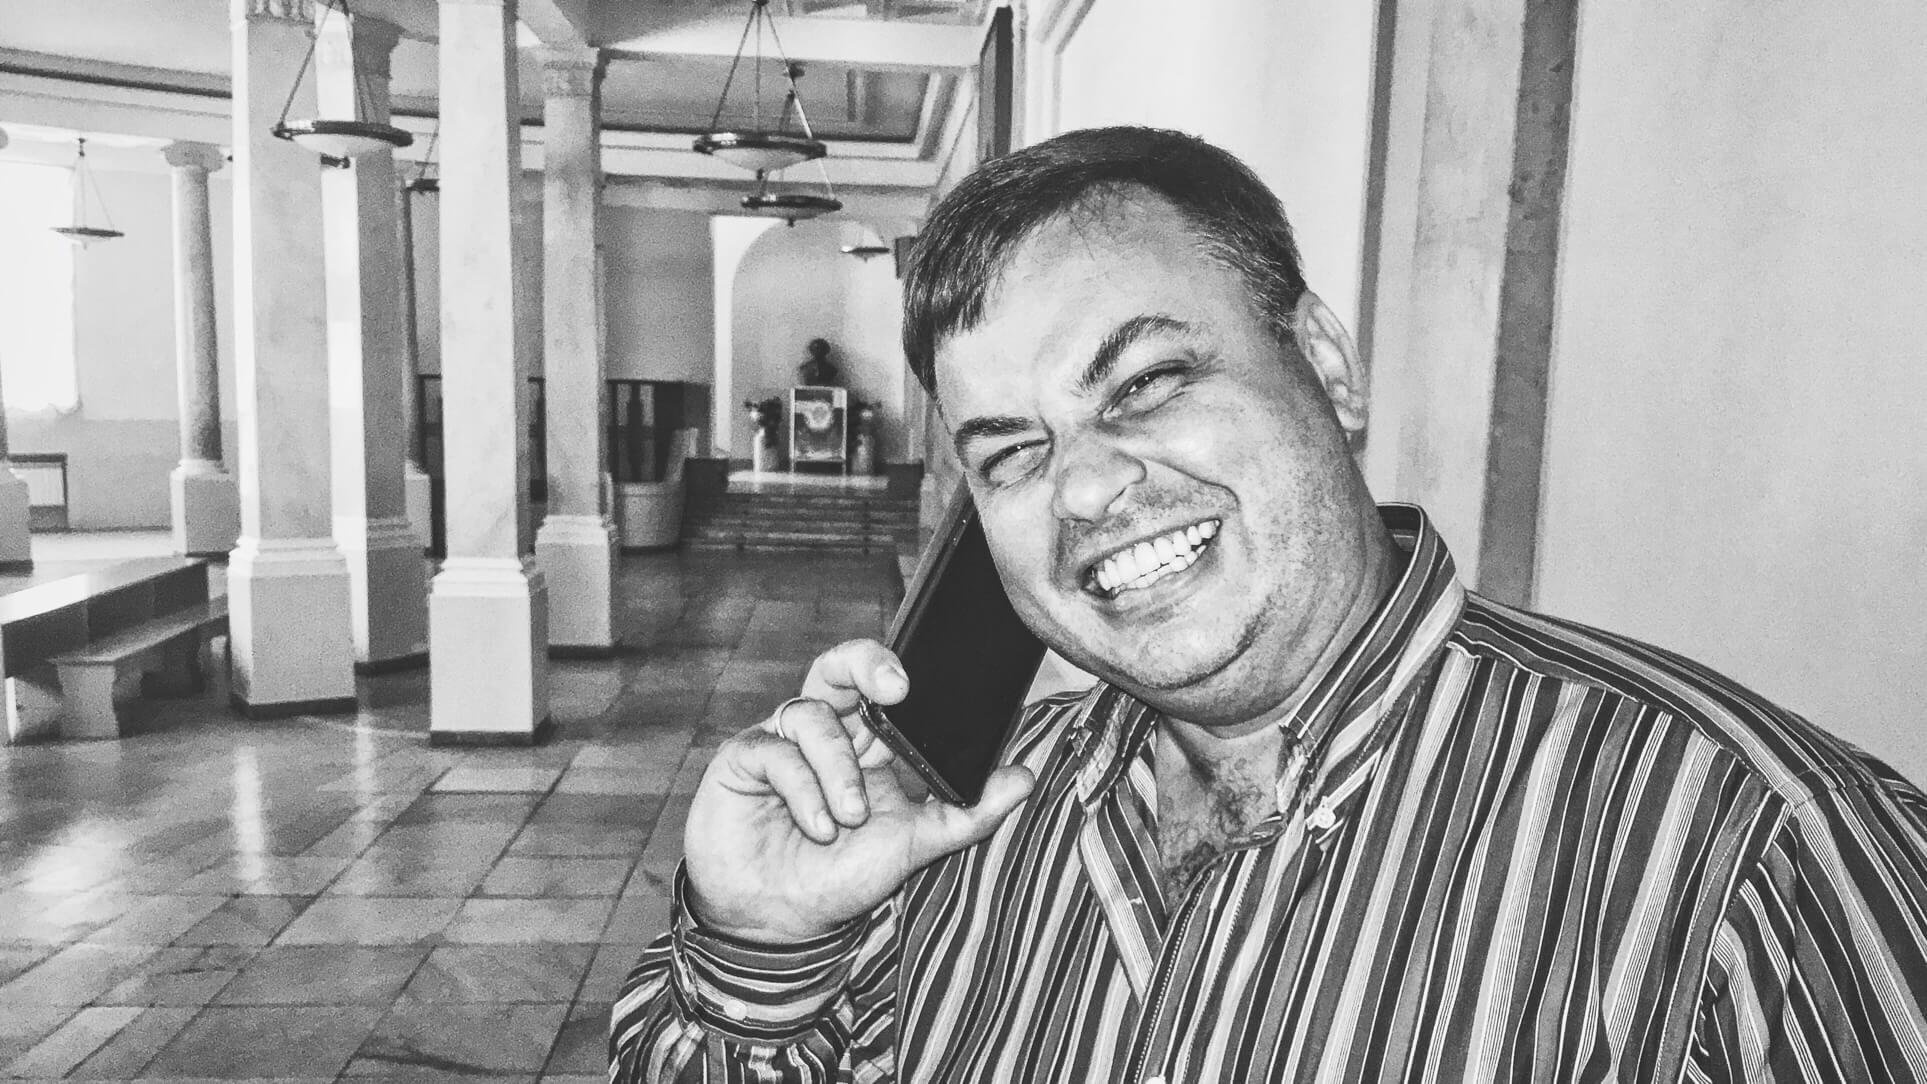 Лафхак «Как избавиться от неприятных телефонных звонков» фото